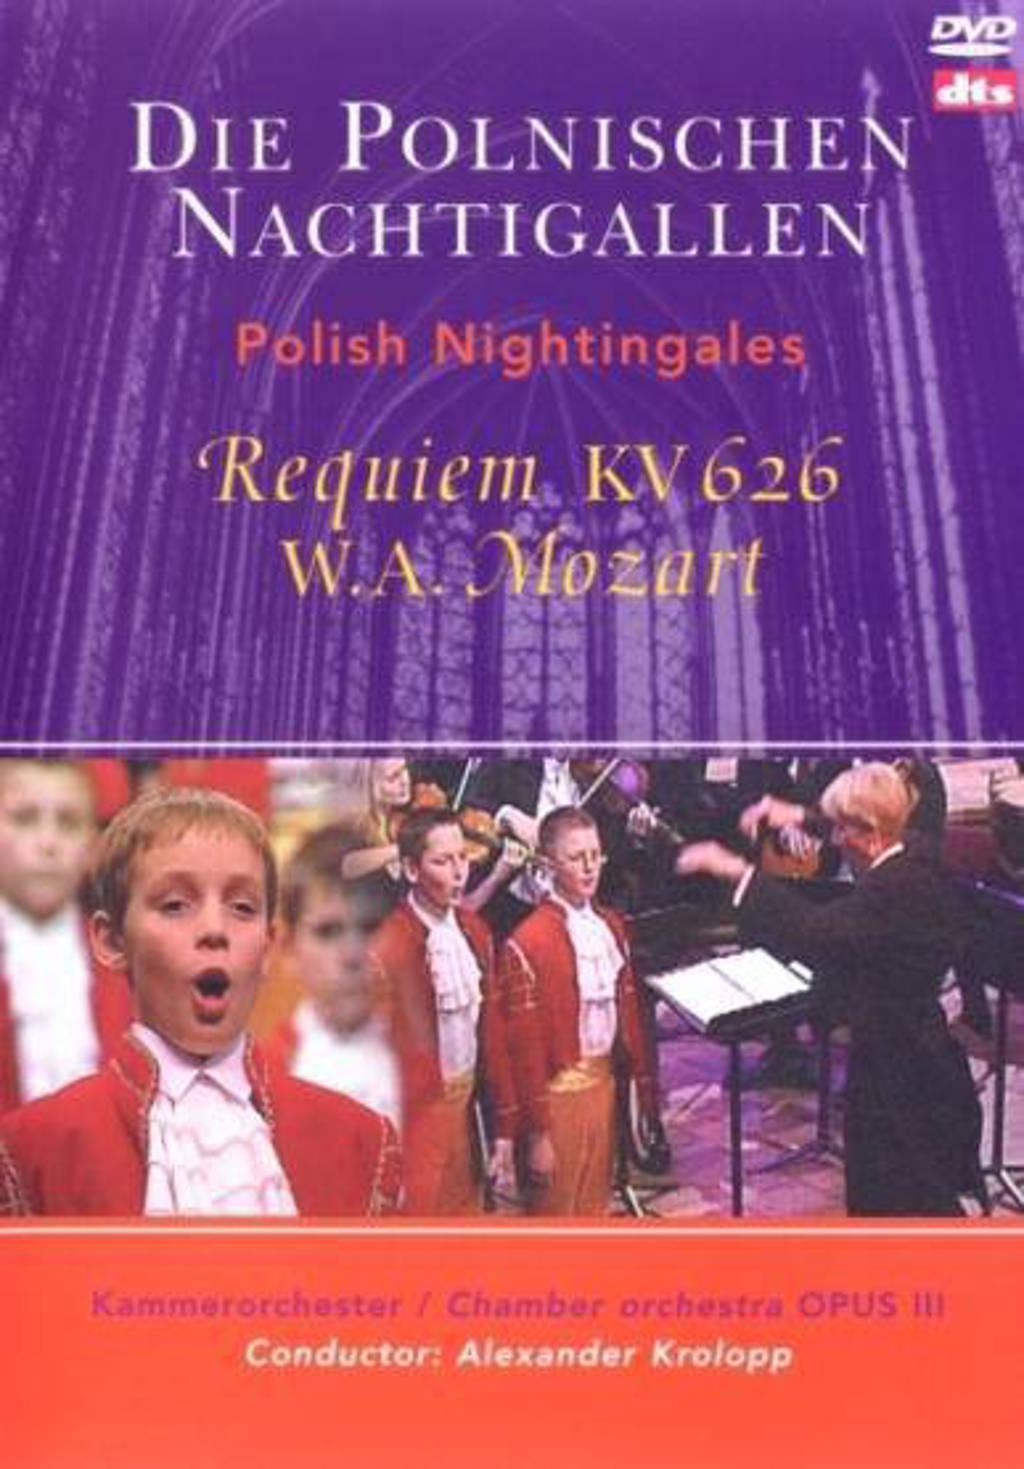 Polnischen nachtigallen - requiem KV626 (DVD)